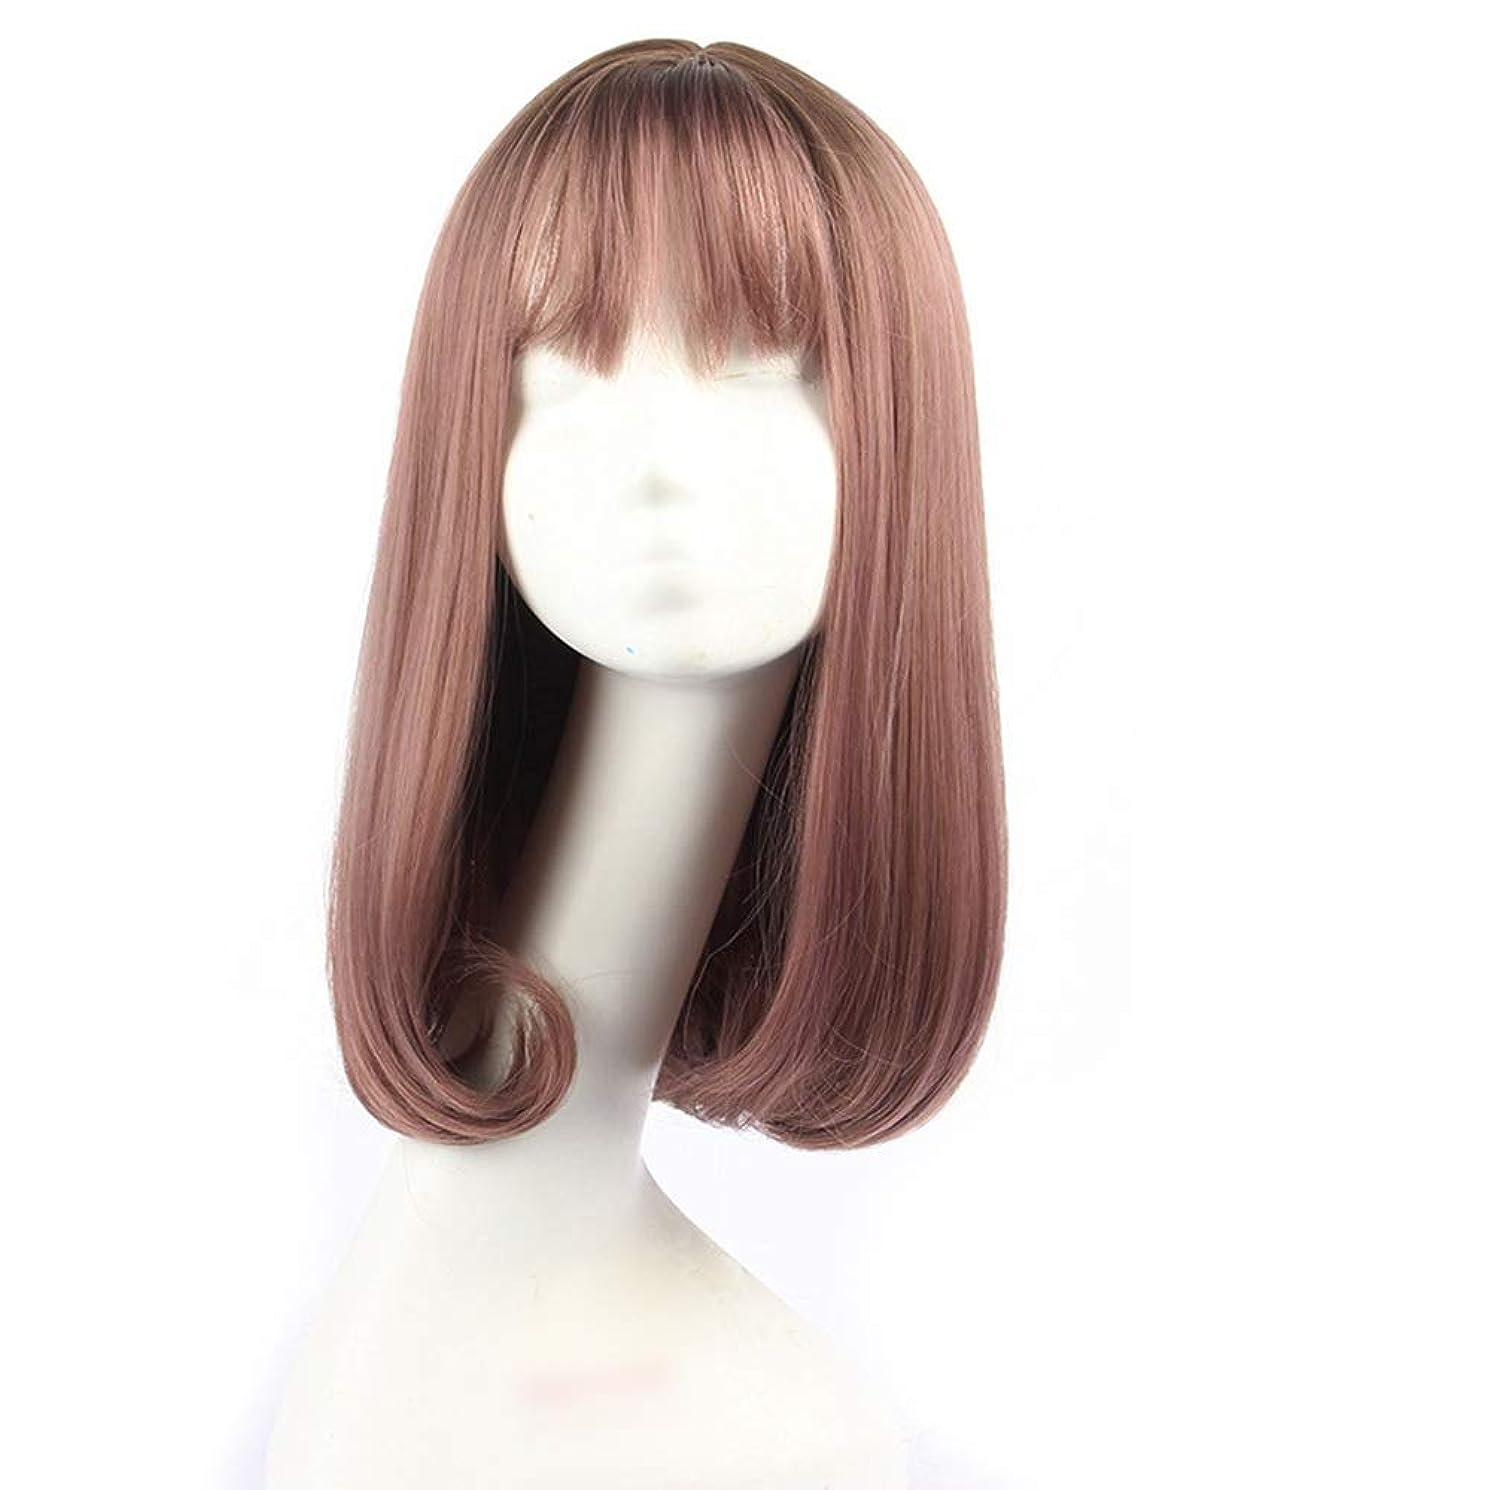 エネルギーメールを書く上にYrattary 女性の梨花のかつらかつら肩の長さの髪自然な人工の毛髪コスプレパーティー女性のかつらレースのかつらロールプレイングかつら (色 : Photo Color, サイズ : 45cm)